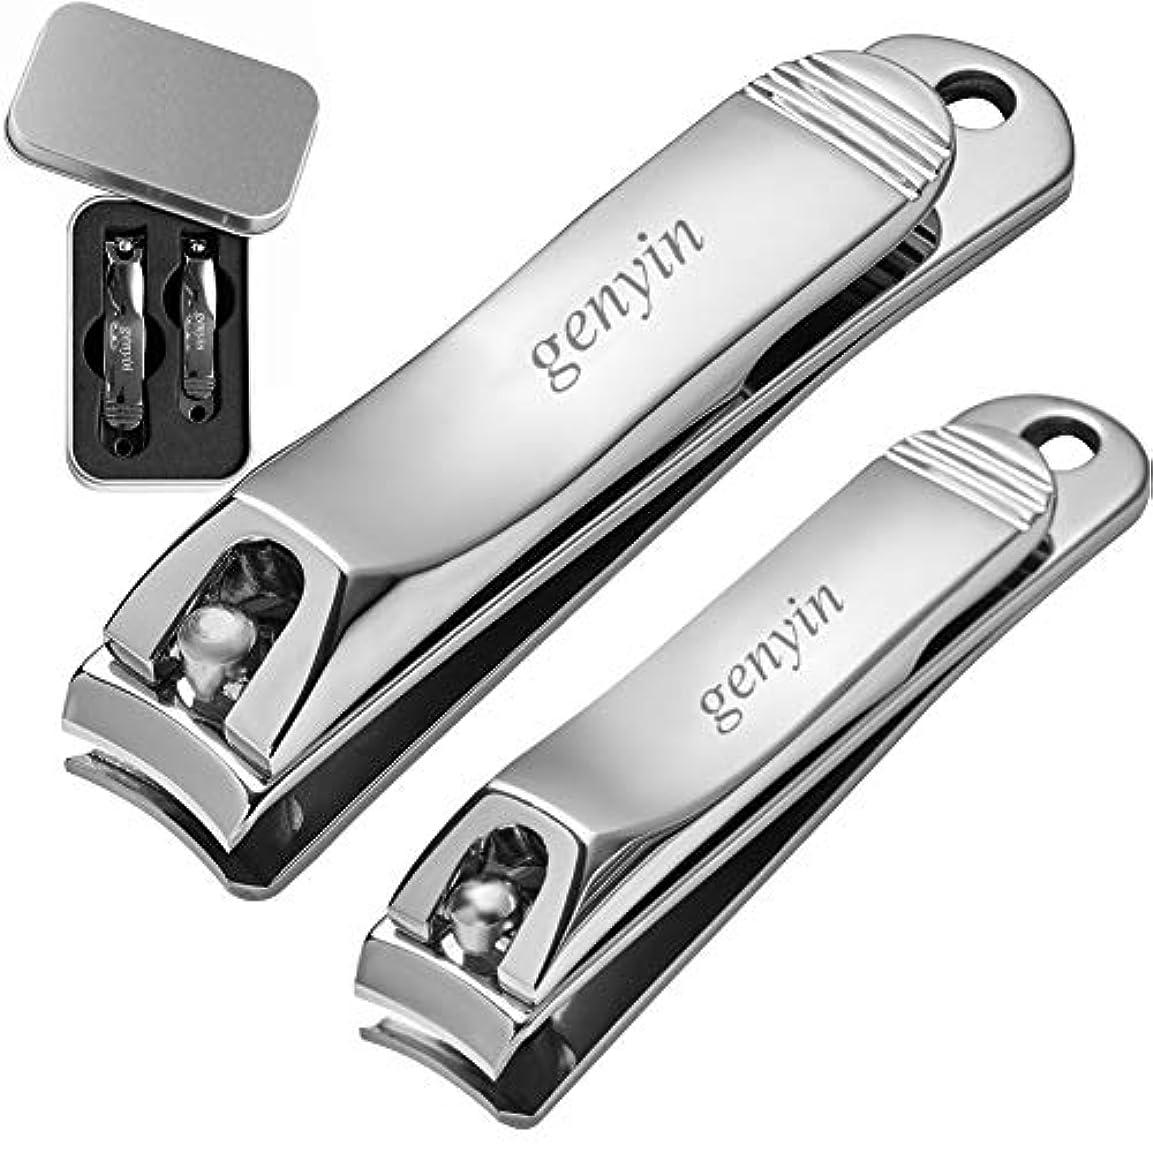 失効把握設計genyin 爪切り つめきり ツメキリ 爪やすり 高級ステンレス鋼製 収納ケース付き 2本セット